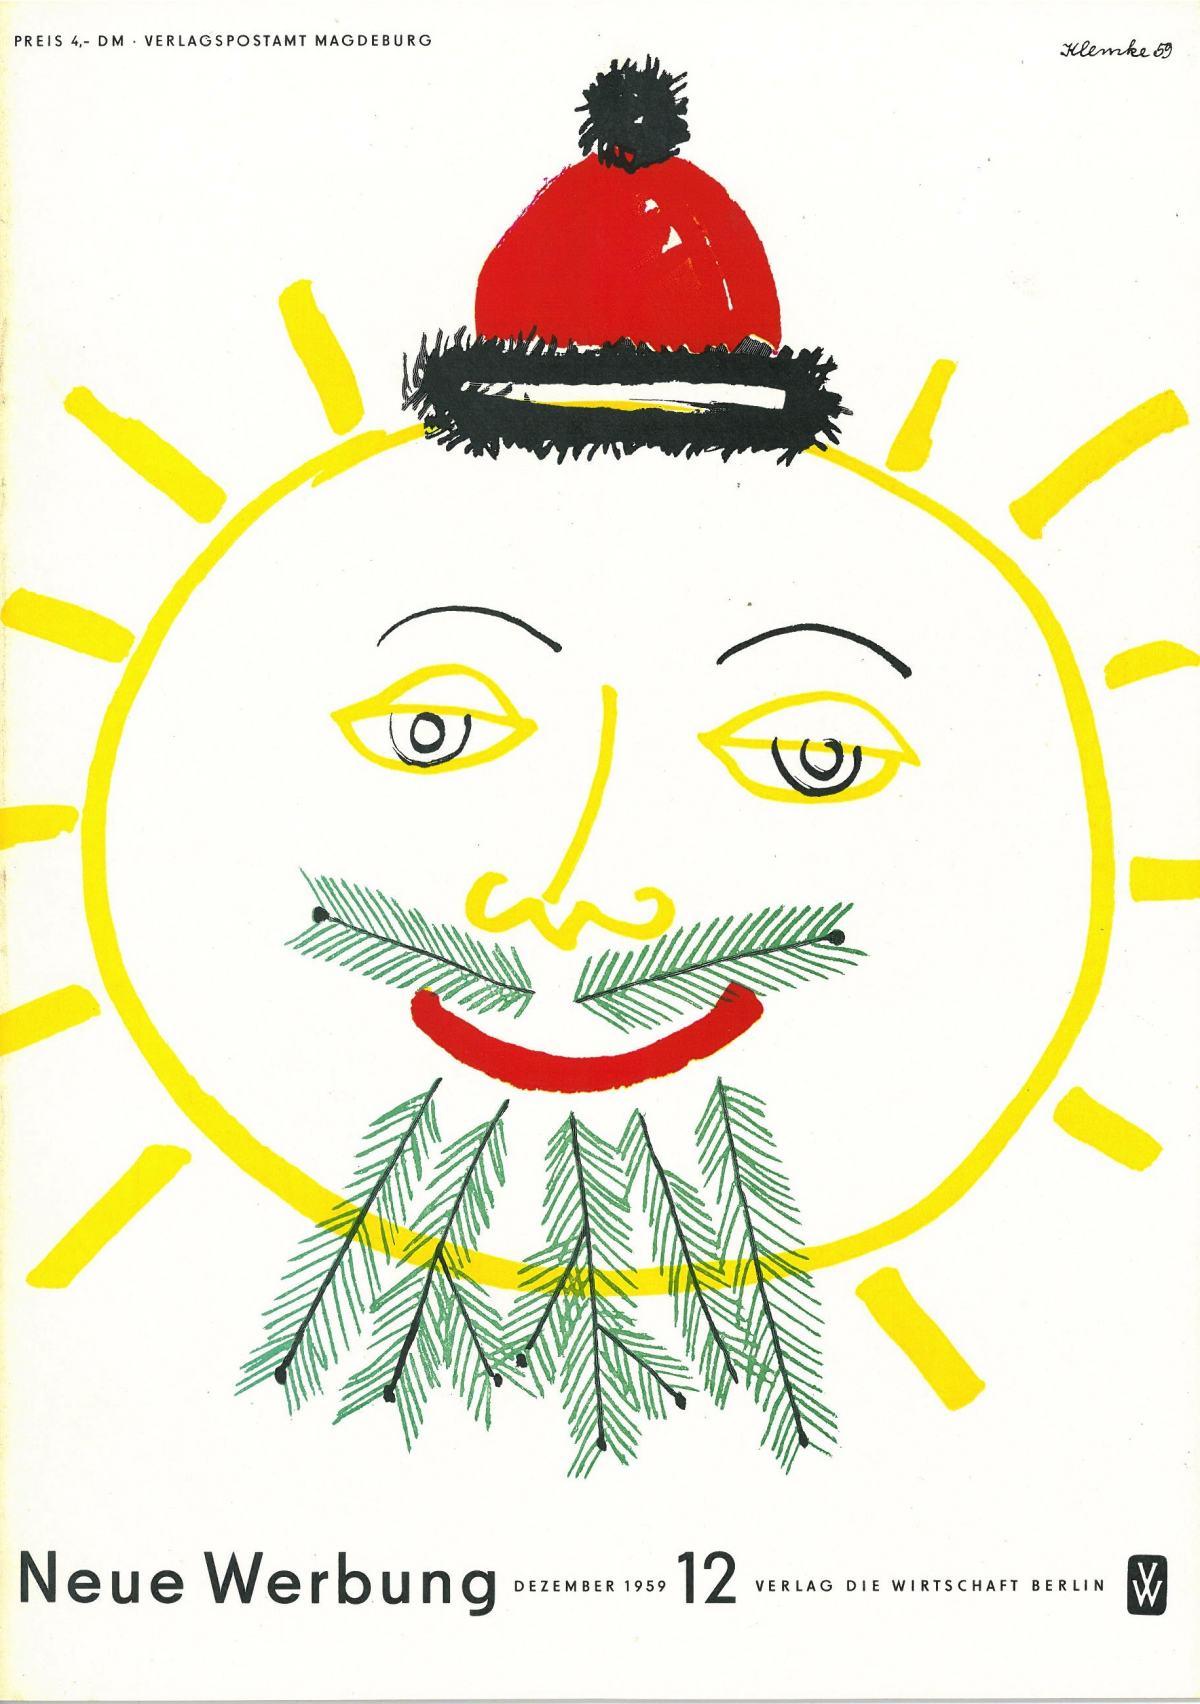 """Titelseite """"Neue Werbung"""" 1959, gestaltet von Werner Klemke"""